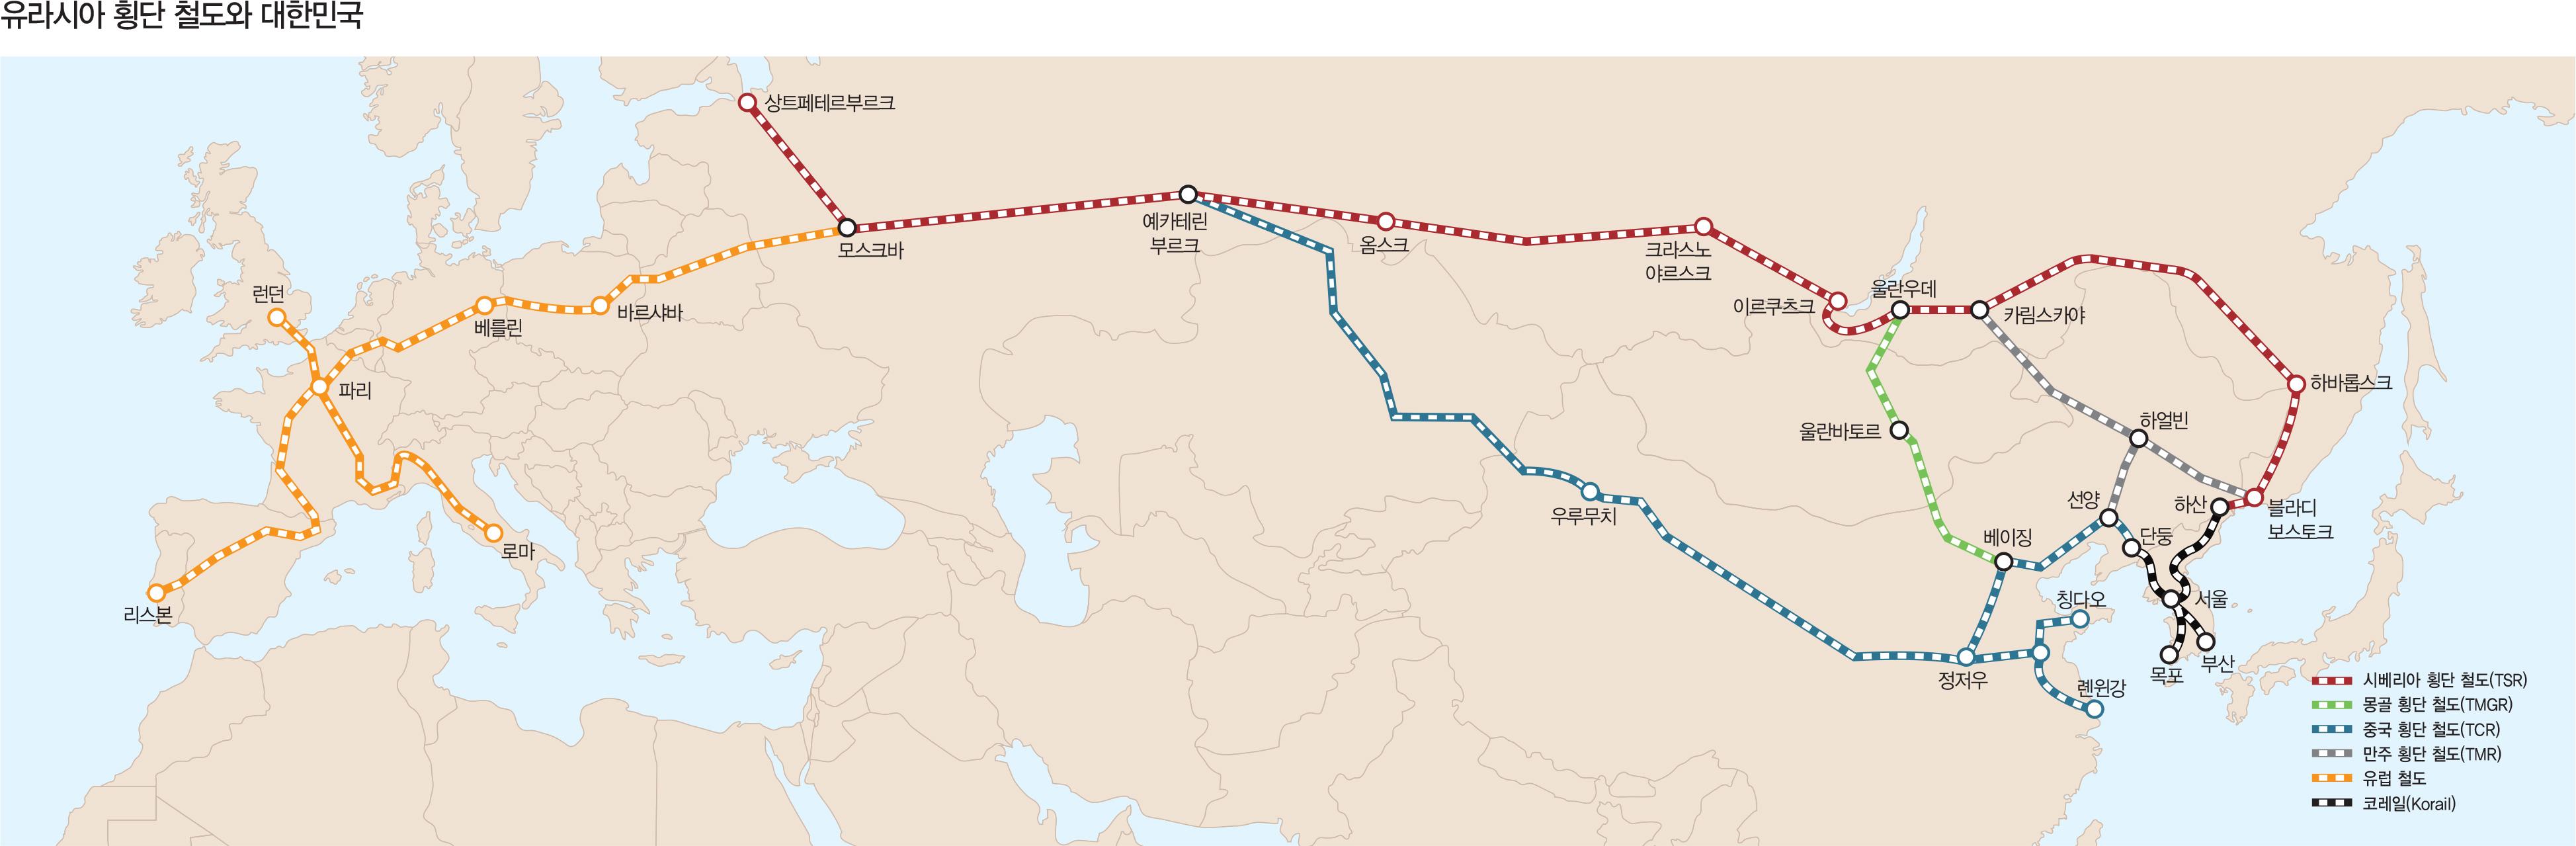 유라시아 횡단 철도와 대한민국